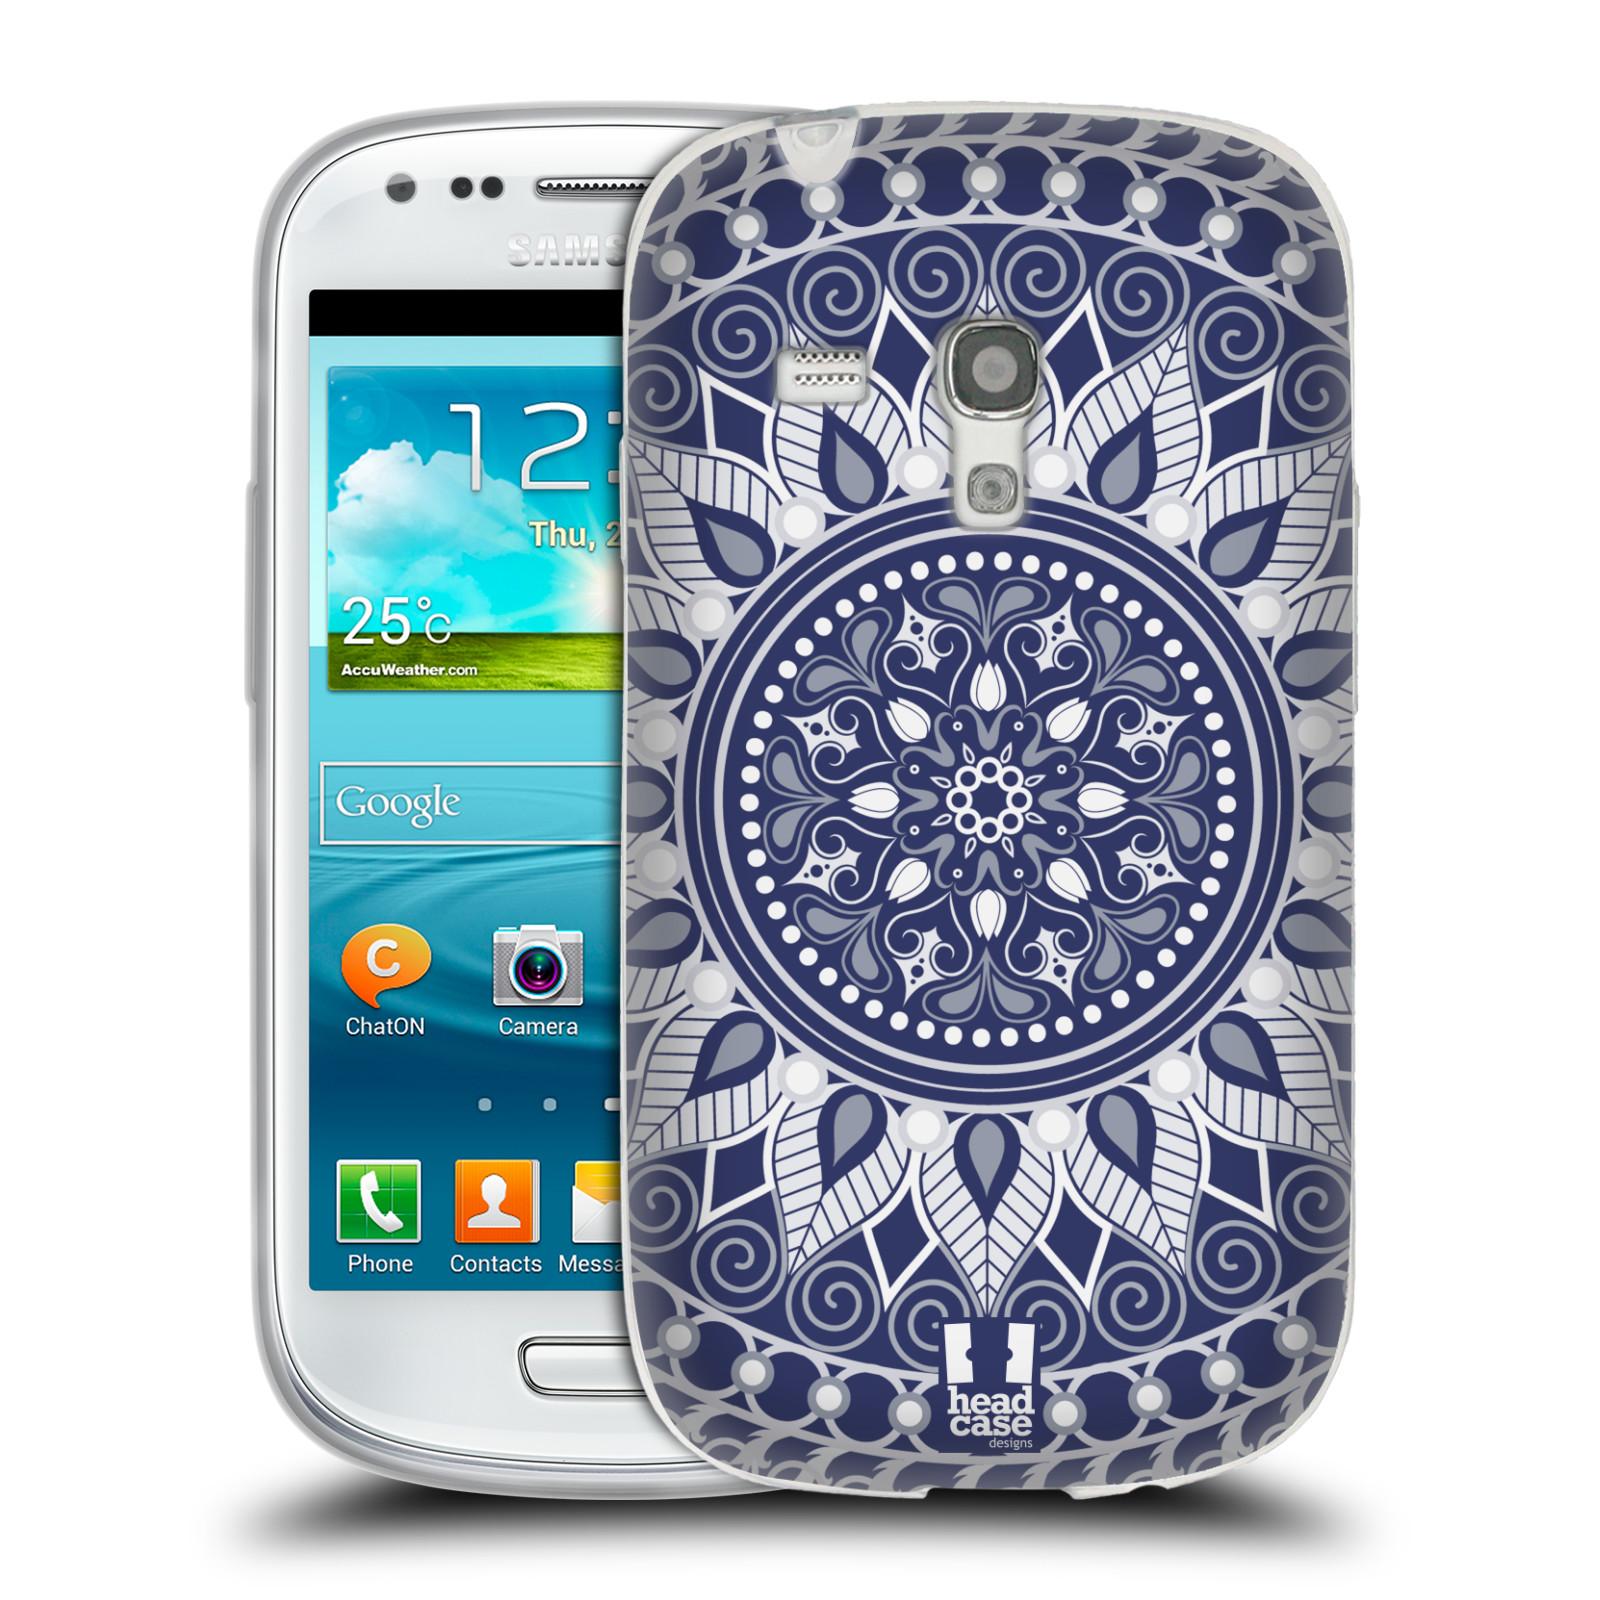 HEAD CASE silikonový obal na mobil Samsung Galaxy S3 MINI i8190 vzor Indie Mandala slunce barevný motiv MODRÁ